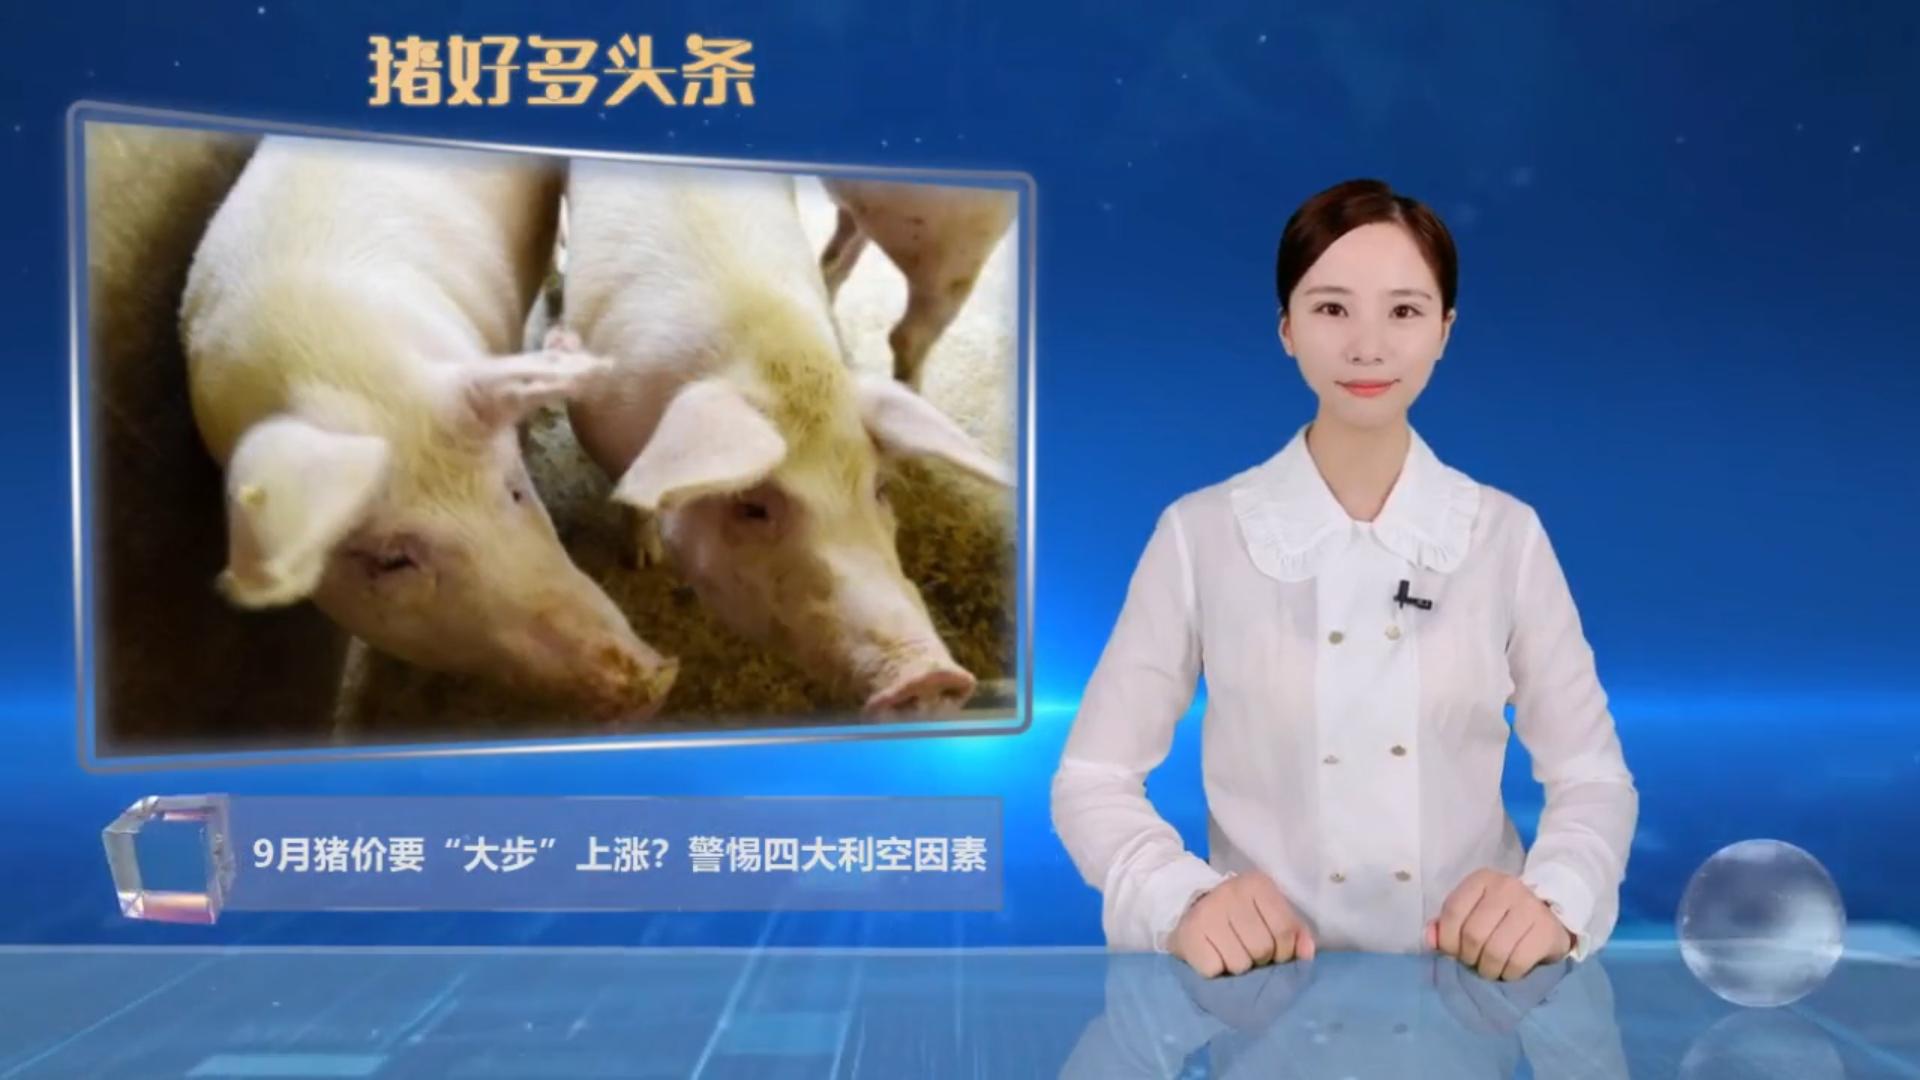 """猪价一片飘红,9月猪价要""""大步""""上涨?警惕4大利空因素"""